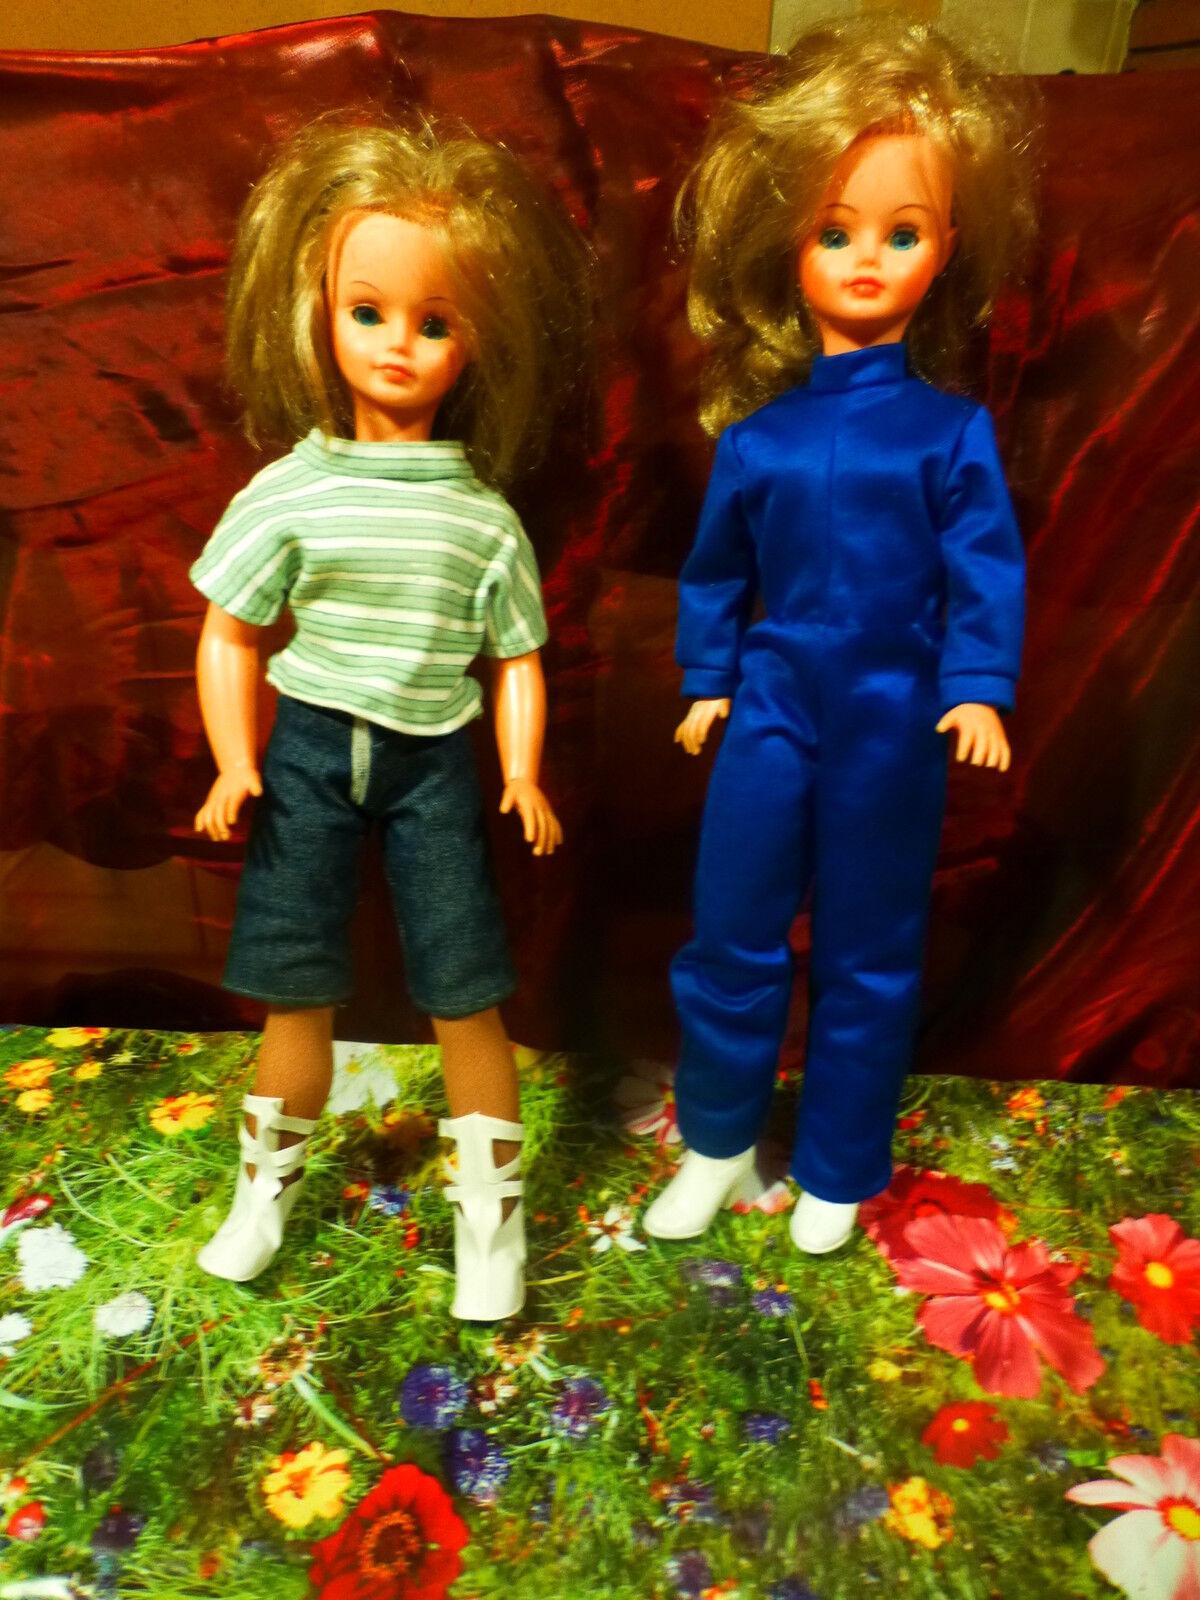 Le uomonequin  poupée   bella 50cm la blue est vendue  vendita online